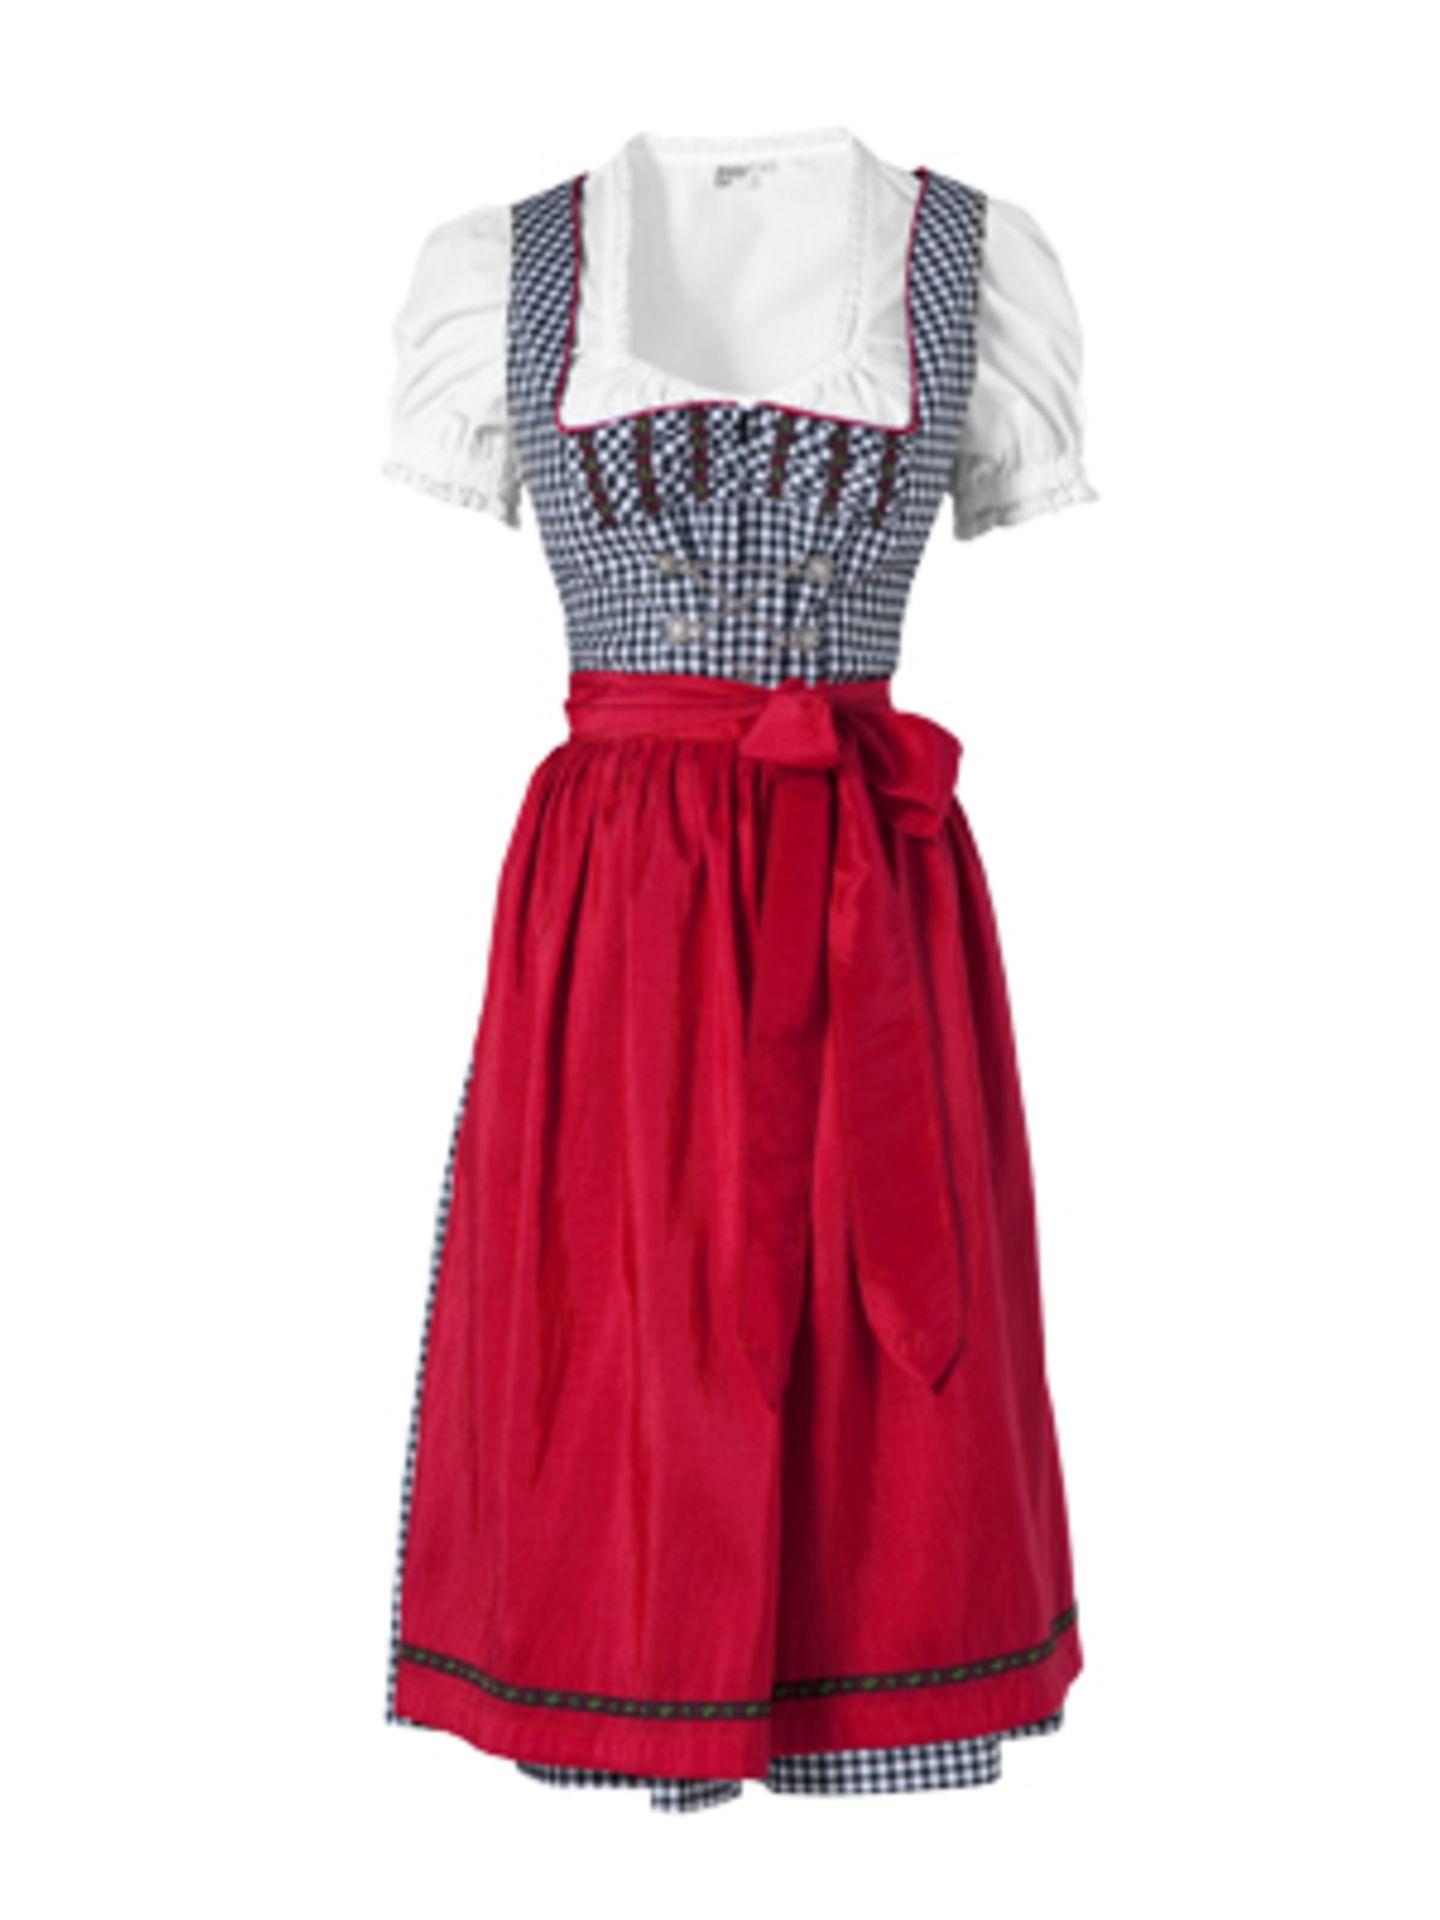 Halblanges, kariertes  Dirndl in Dunkelblau mit roter Schürze und weißer Bluse mit leichtem Puffärmel von K&L, um 80 Euro. Bluse um 20 Euro.